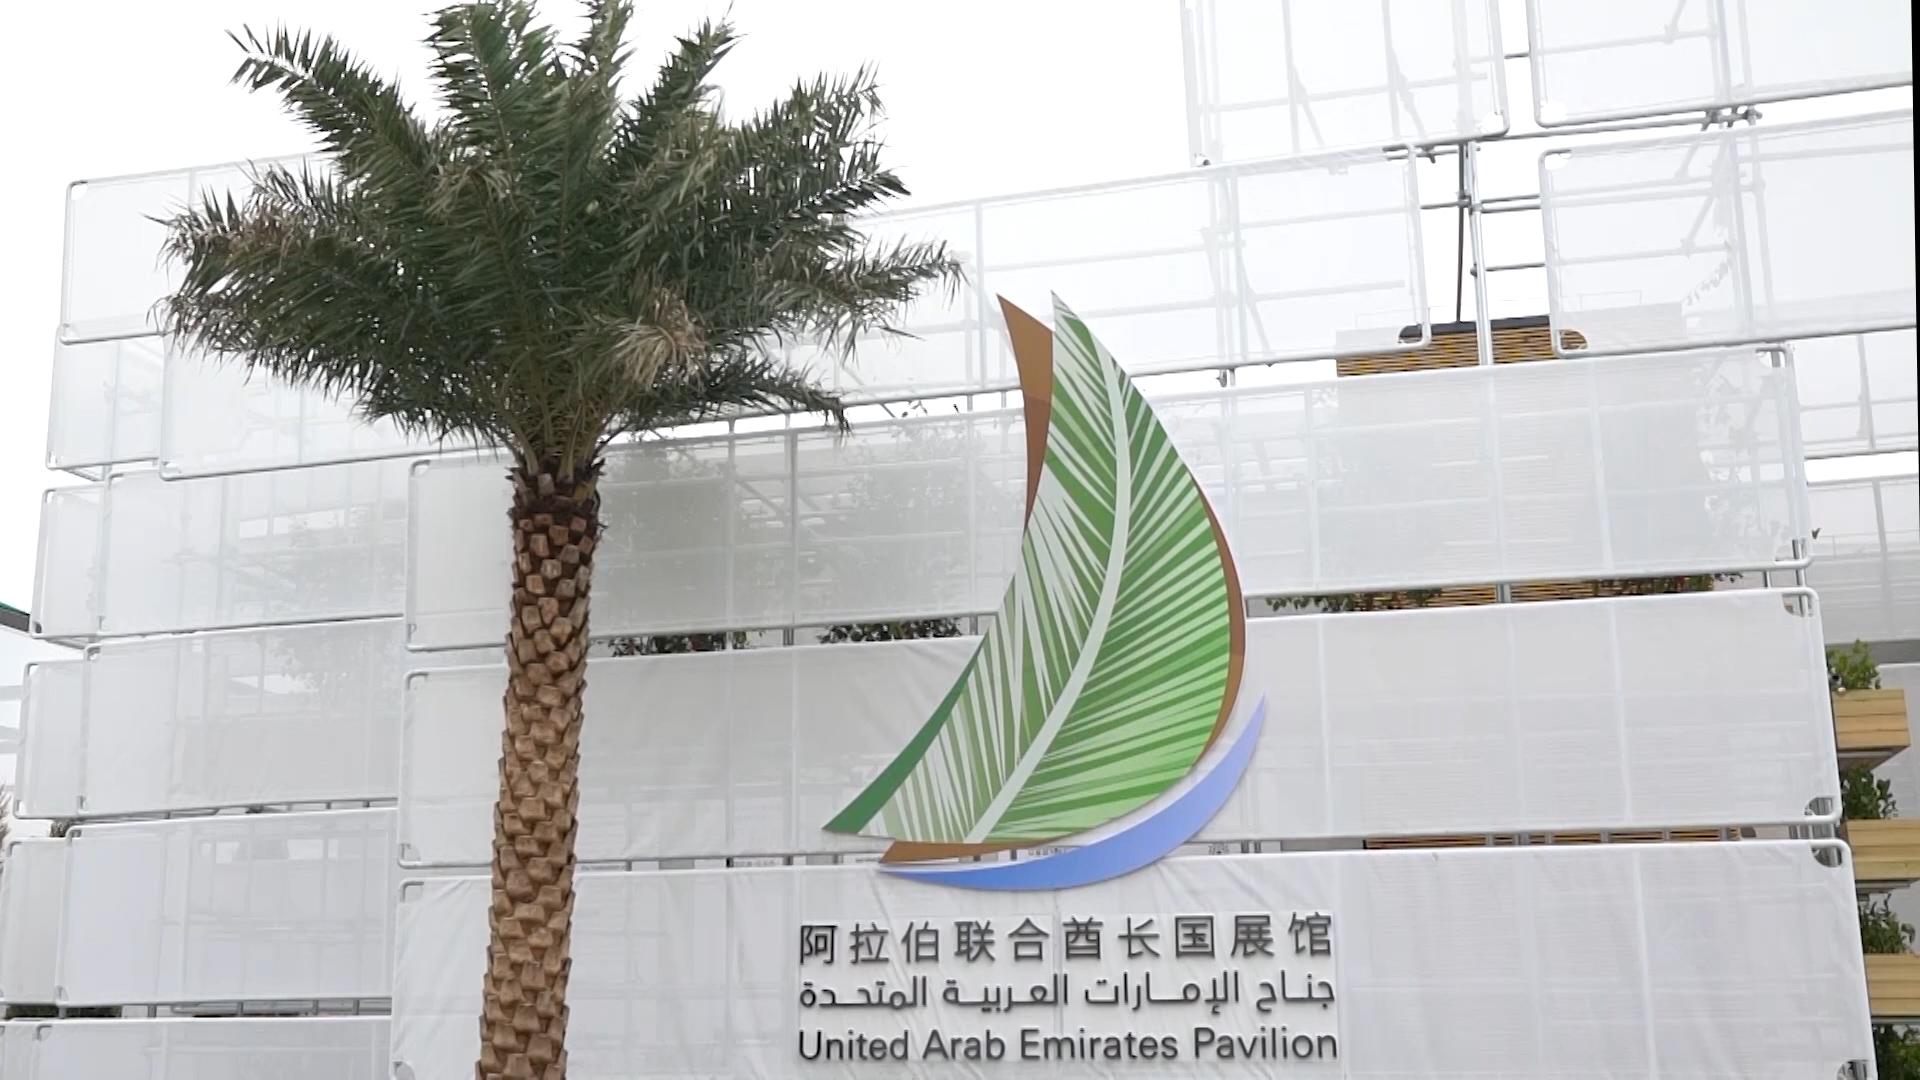 """تقرير مجتمعي/ جناح الإمارات في """" إكسبو بكين للبستنة """".. واجهة حضارية شاهدة على تطور القطاع الزراعي"""